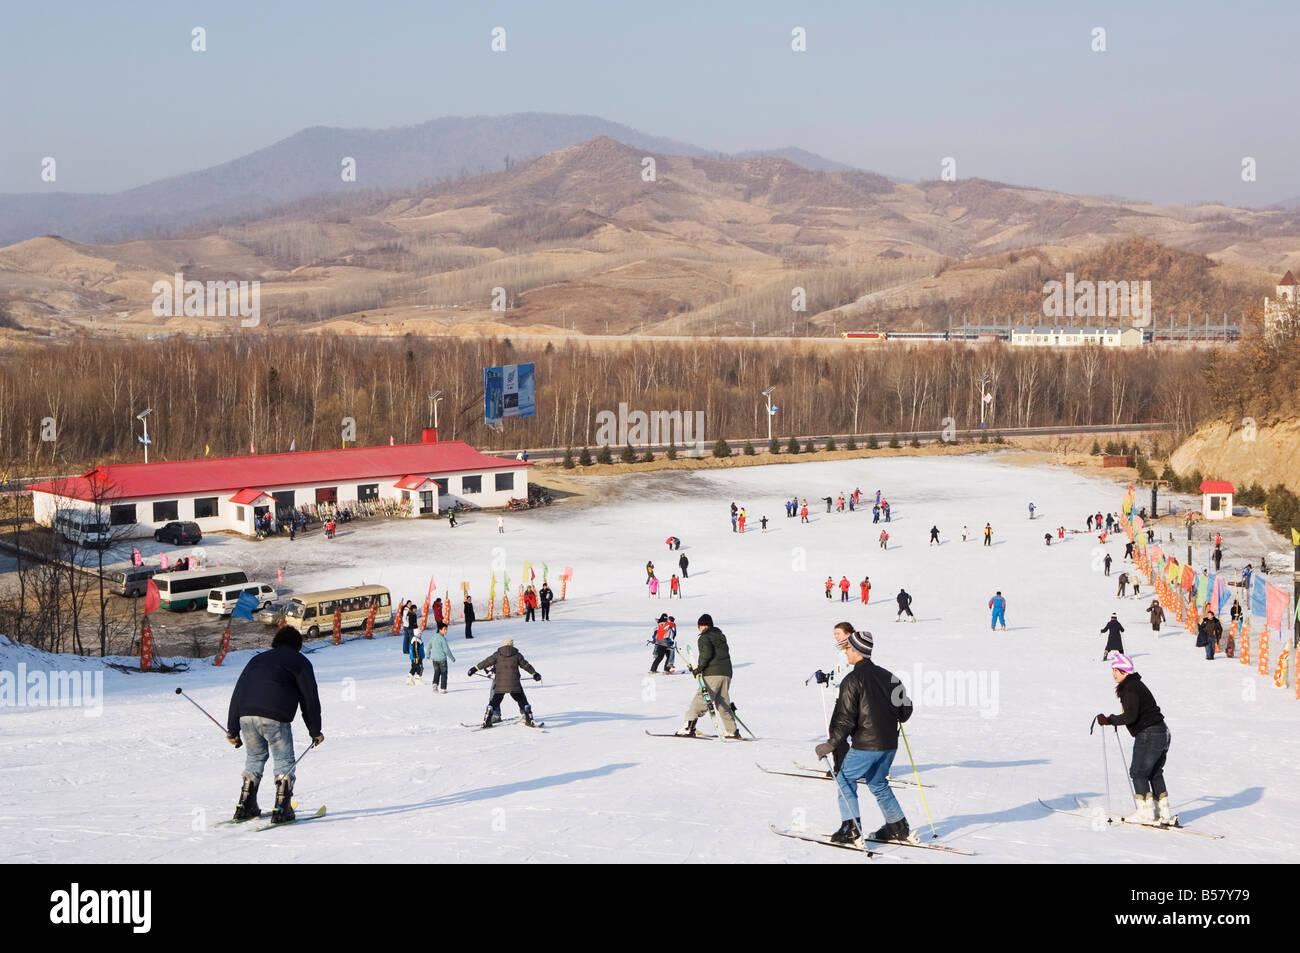 yabuli ski resort, heilongjiang province, northeast china, china